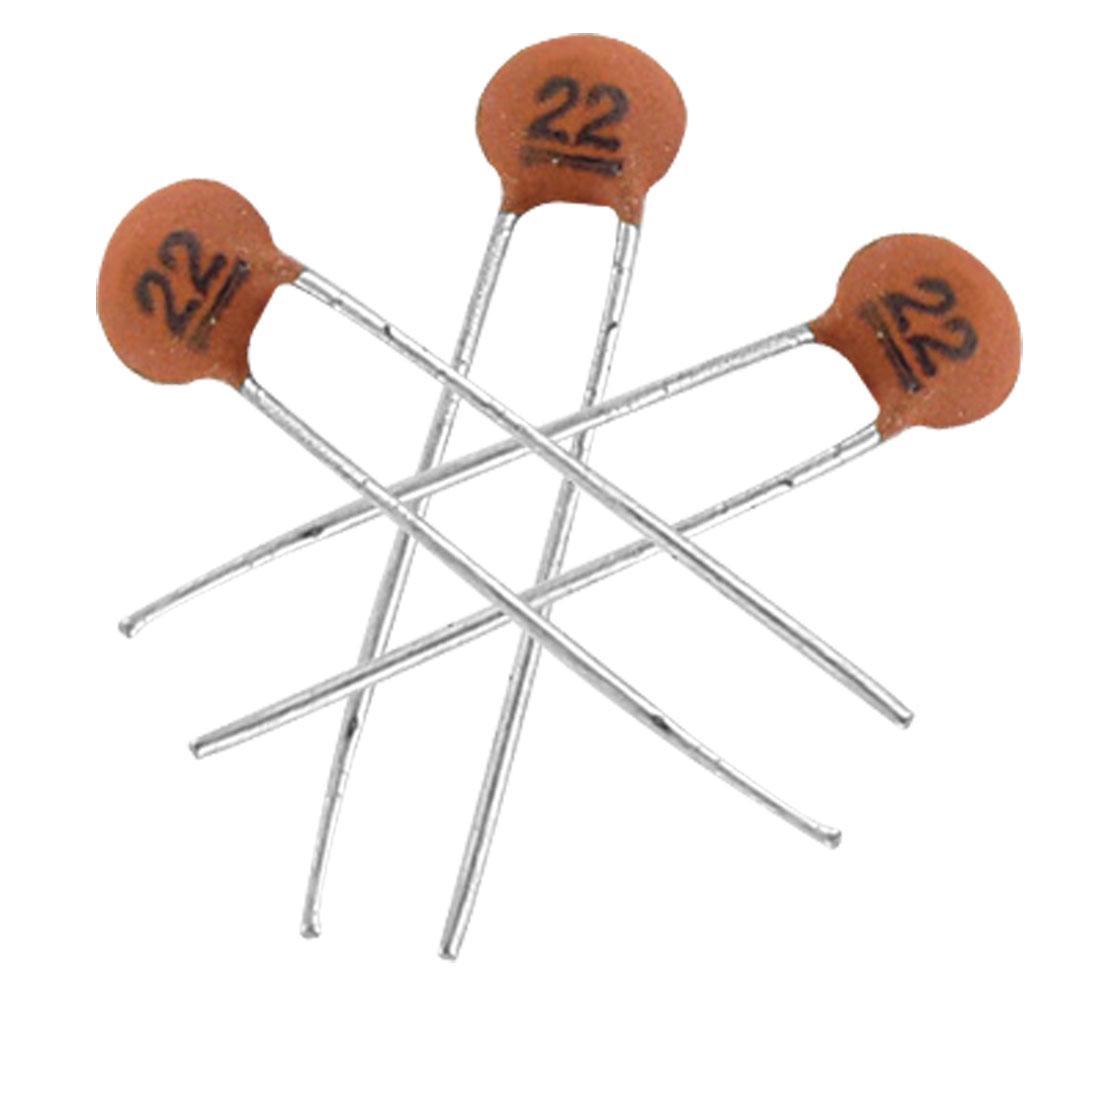 ตัวเก็บประจุชนิดเซรามิก 22PF 50V จำนวน 5 ตัว